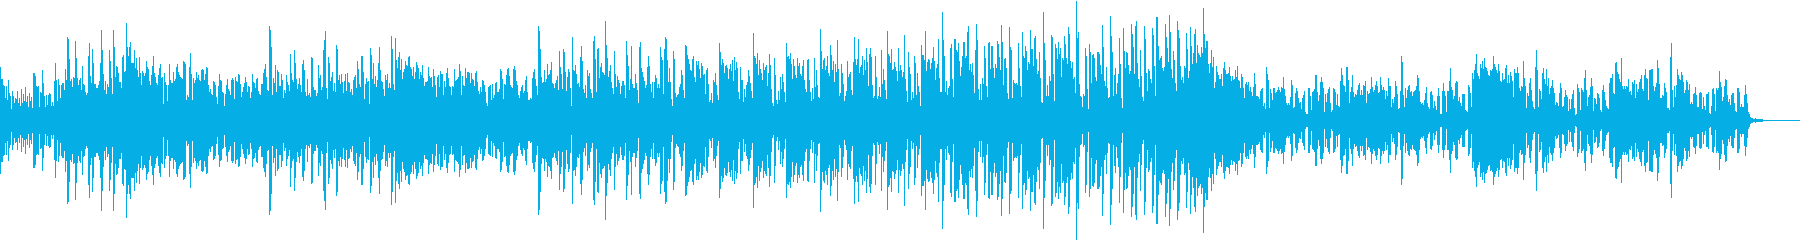 電子音を使った疾走感のあるテクノの再生済みの波形